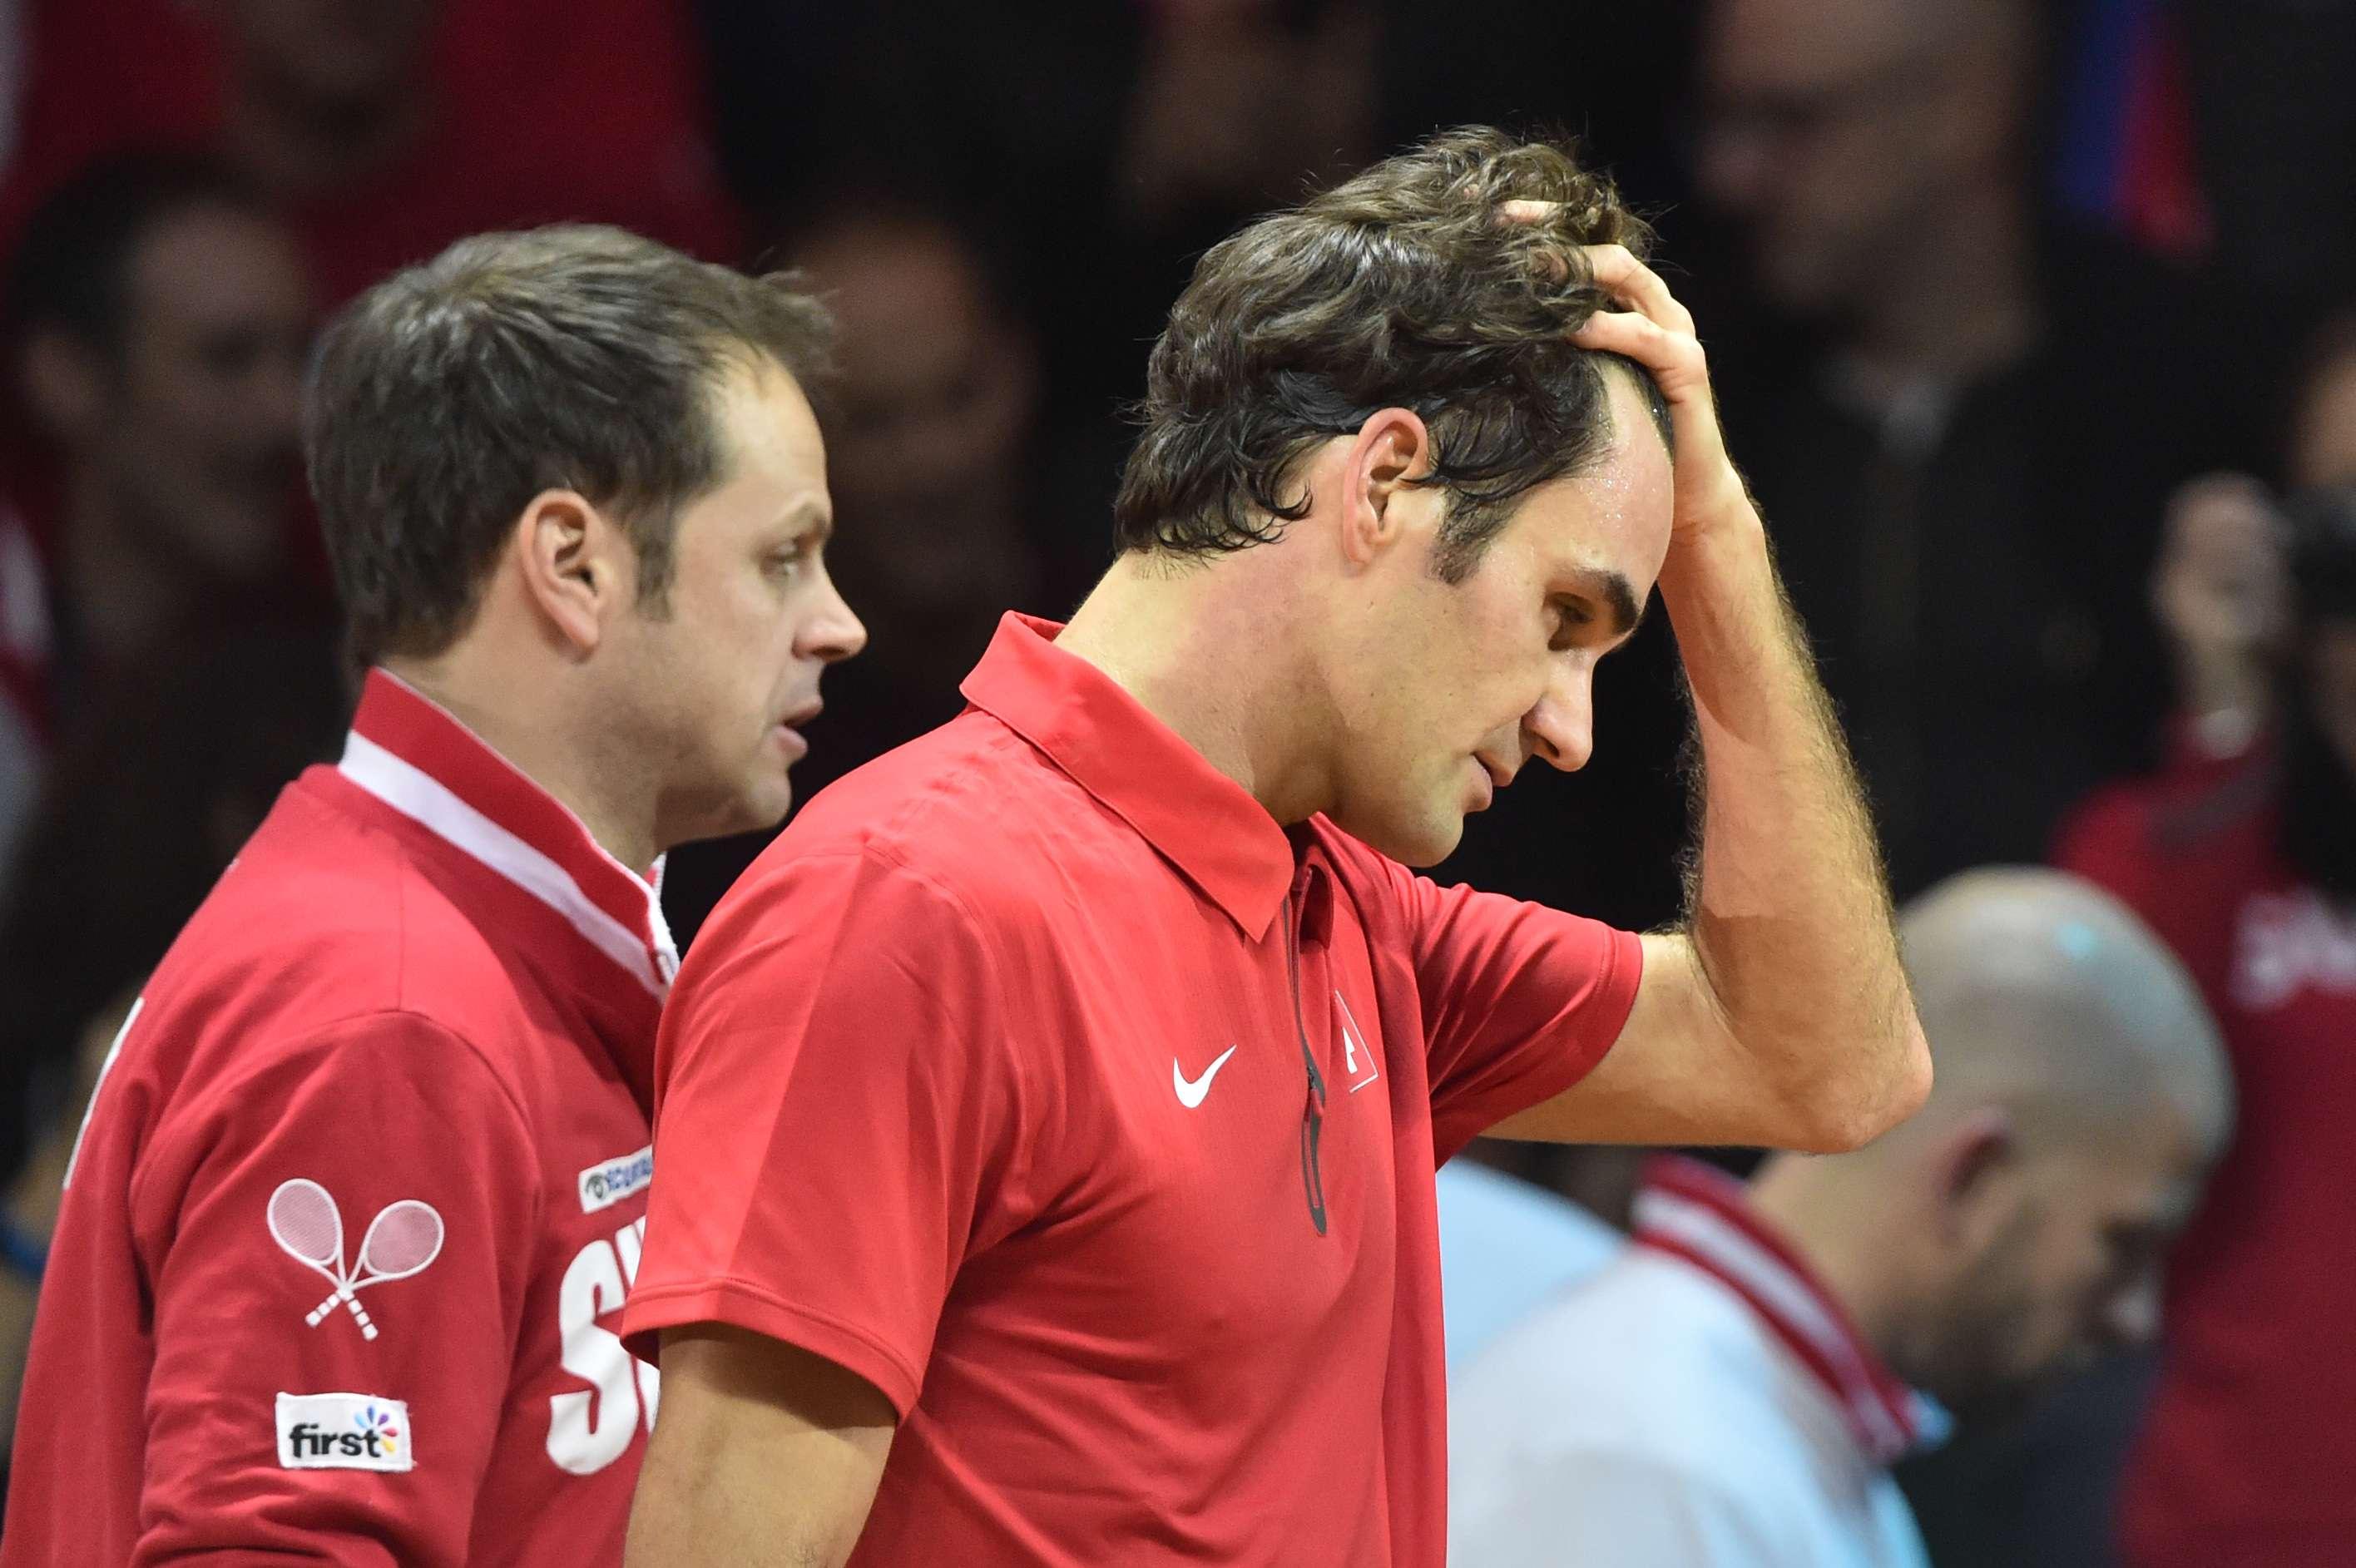 El suizo cayó 6-1, 6-4 y 6-3 ante Gael Monflis. Foto: AFP en español